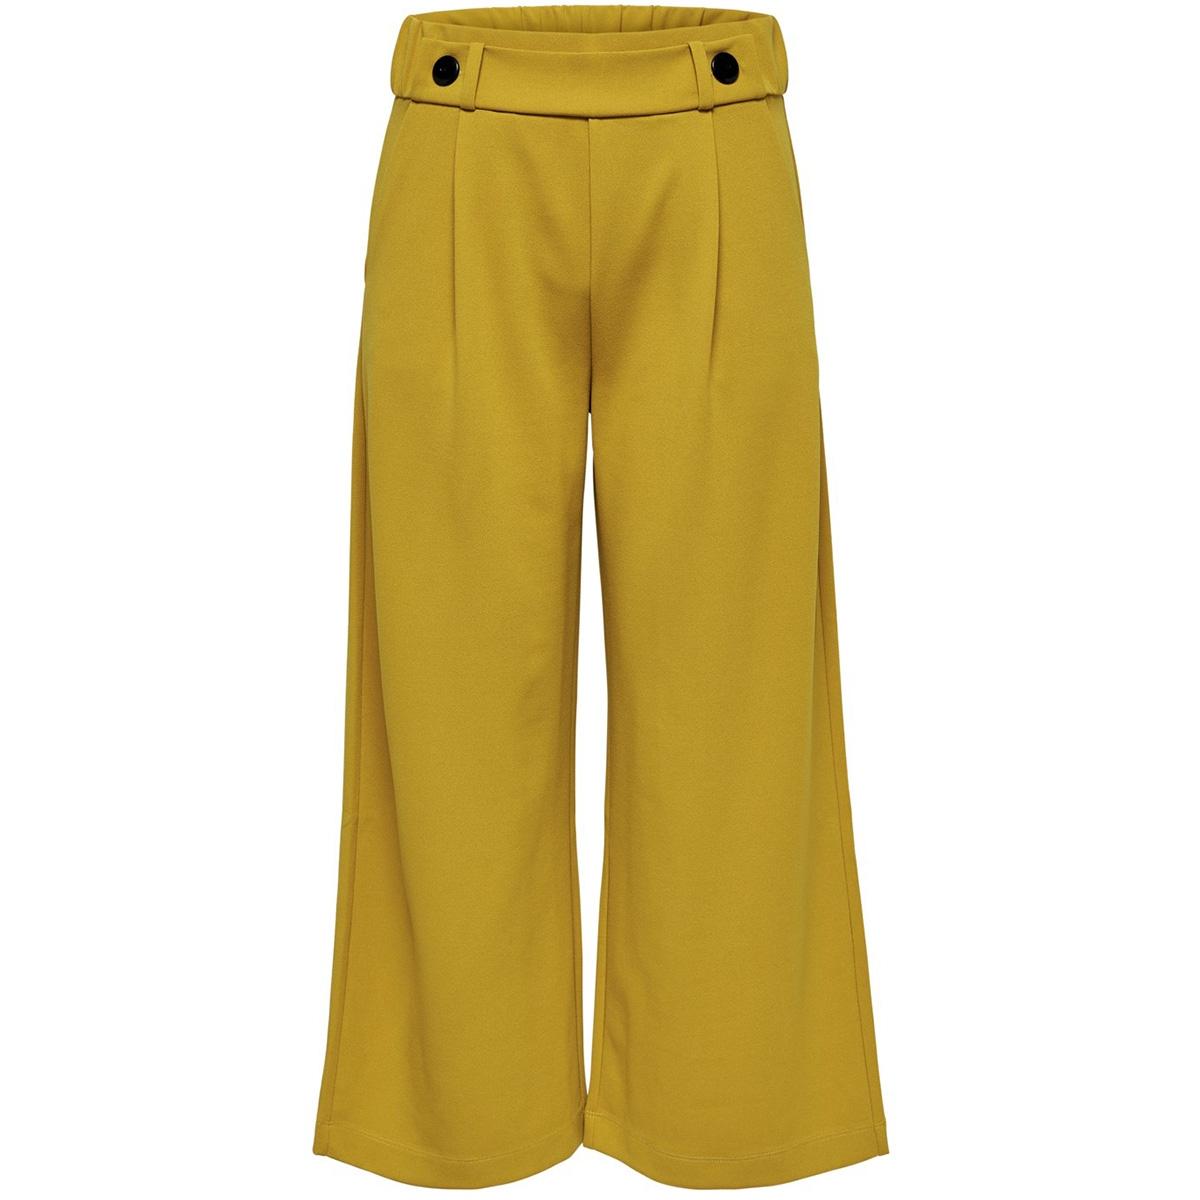 jdygeggo ancle pant jrs noos 15171849 jacqueline de yong broek harvest gold/w. black bu